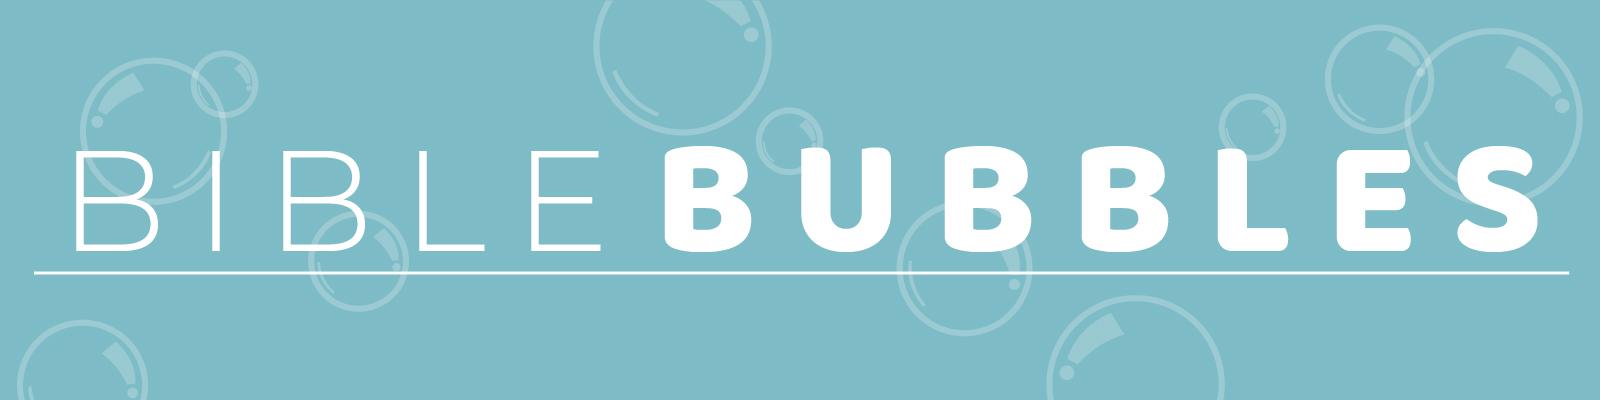 BibleBubbles_webheader2-01-01